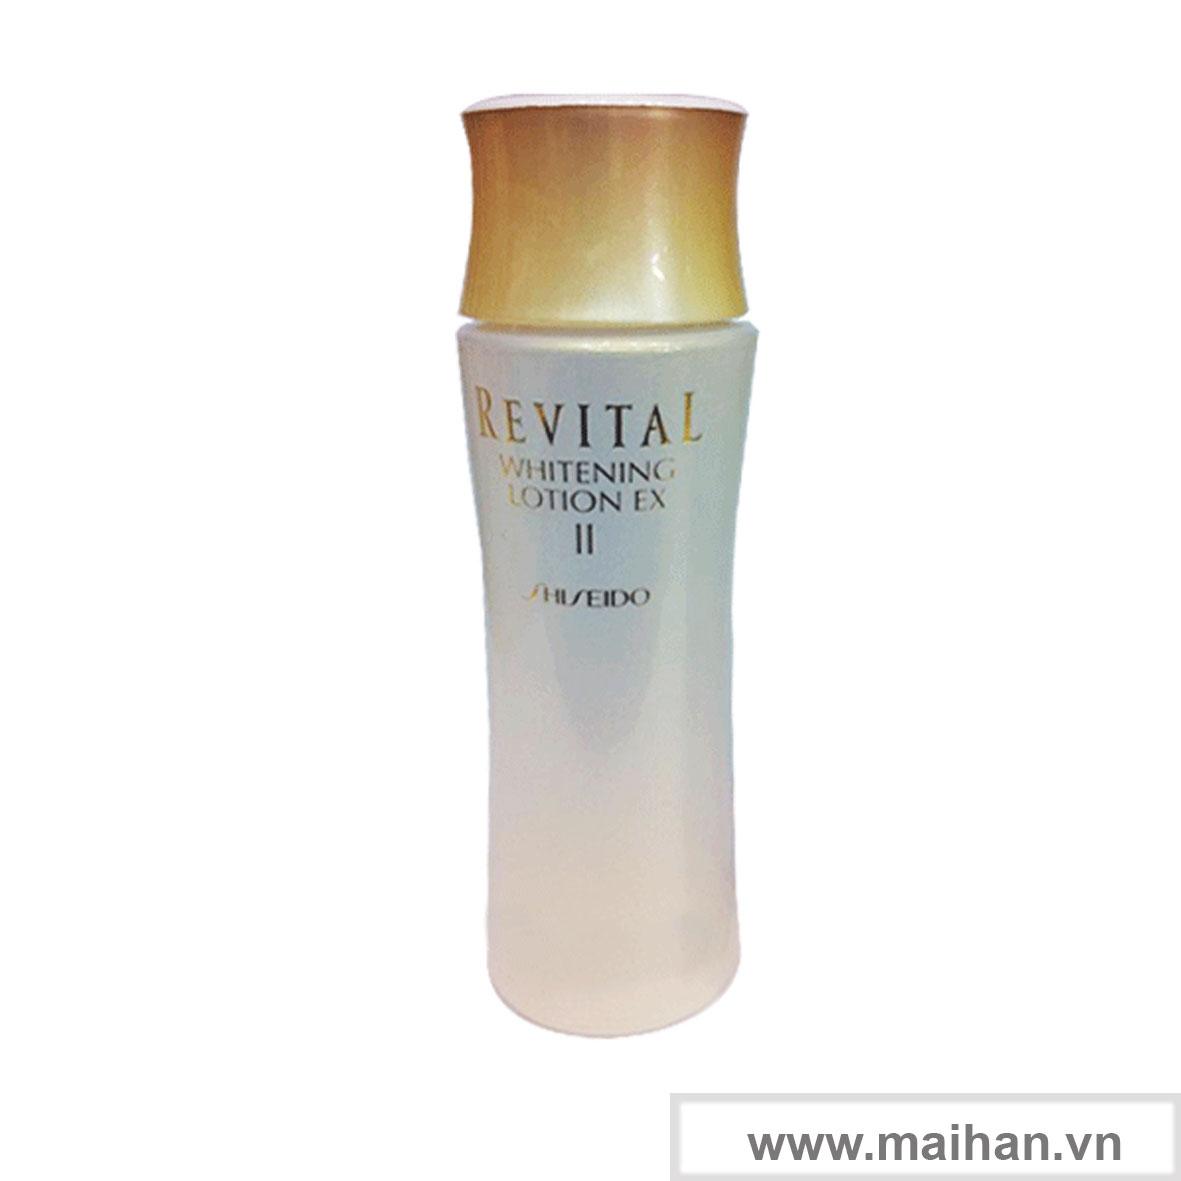 Dưỡng trắng cho da thường và da khô Shiseido